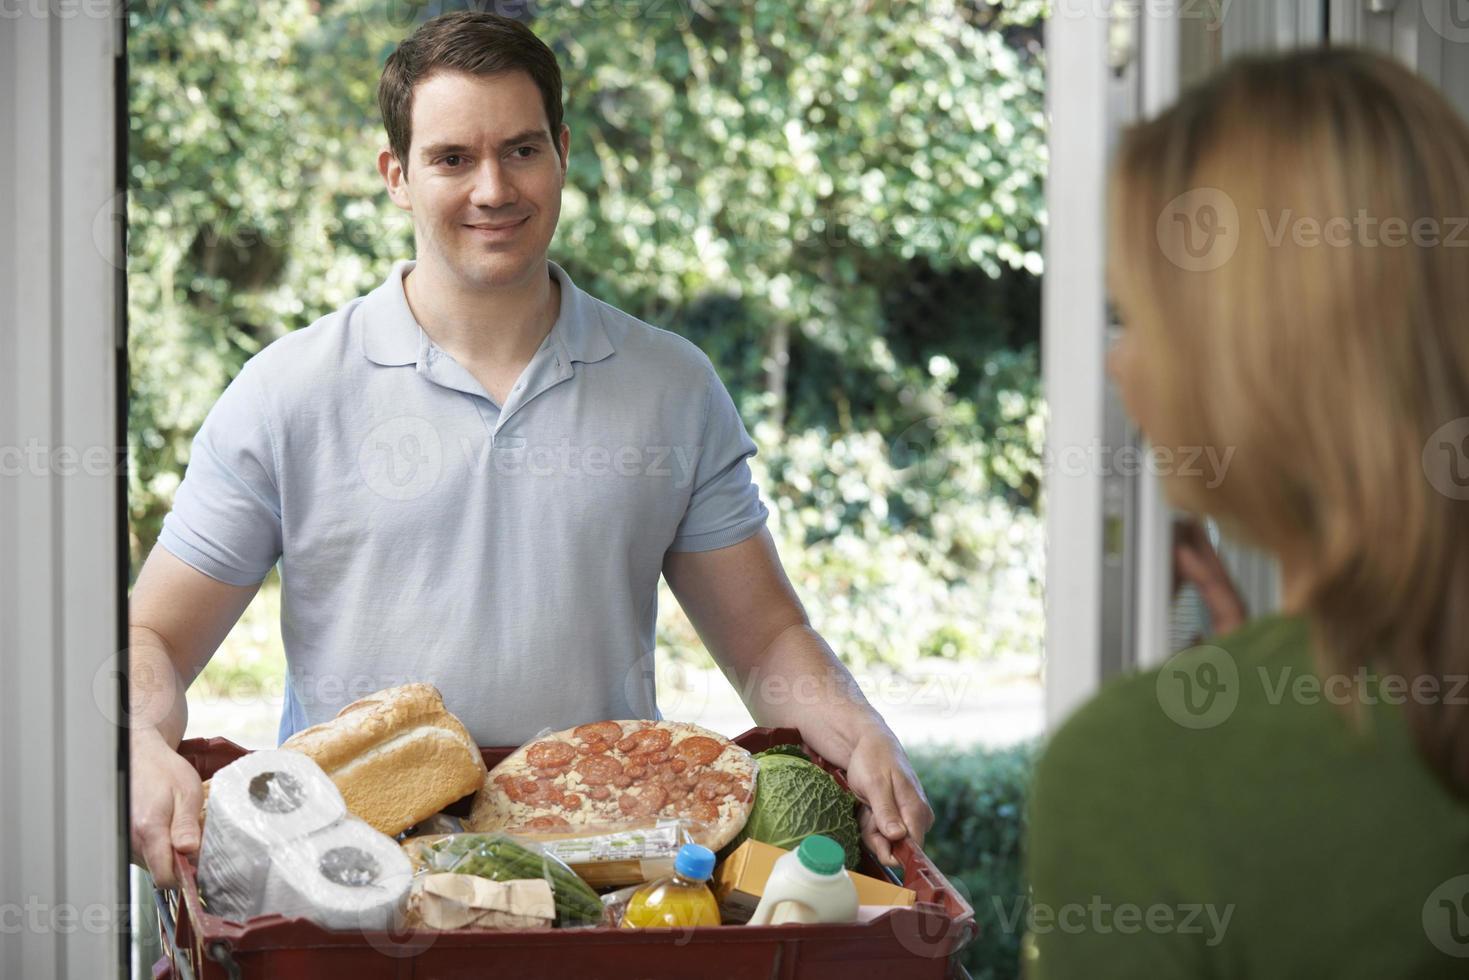 autista che consegna ordini alimentari online foto